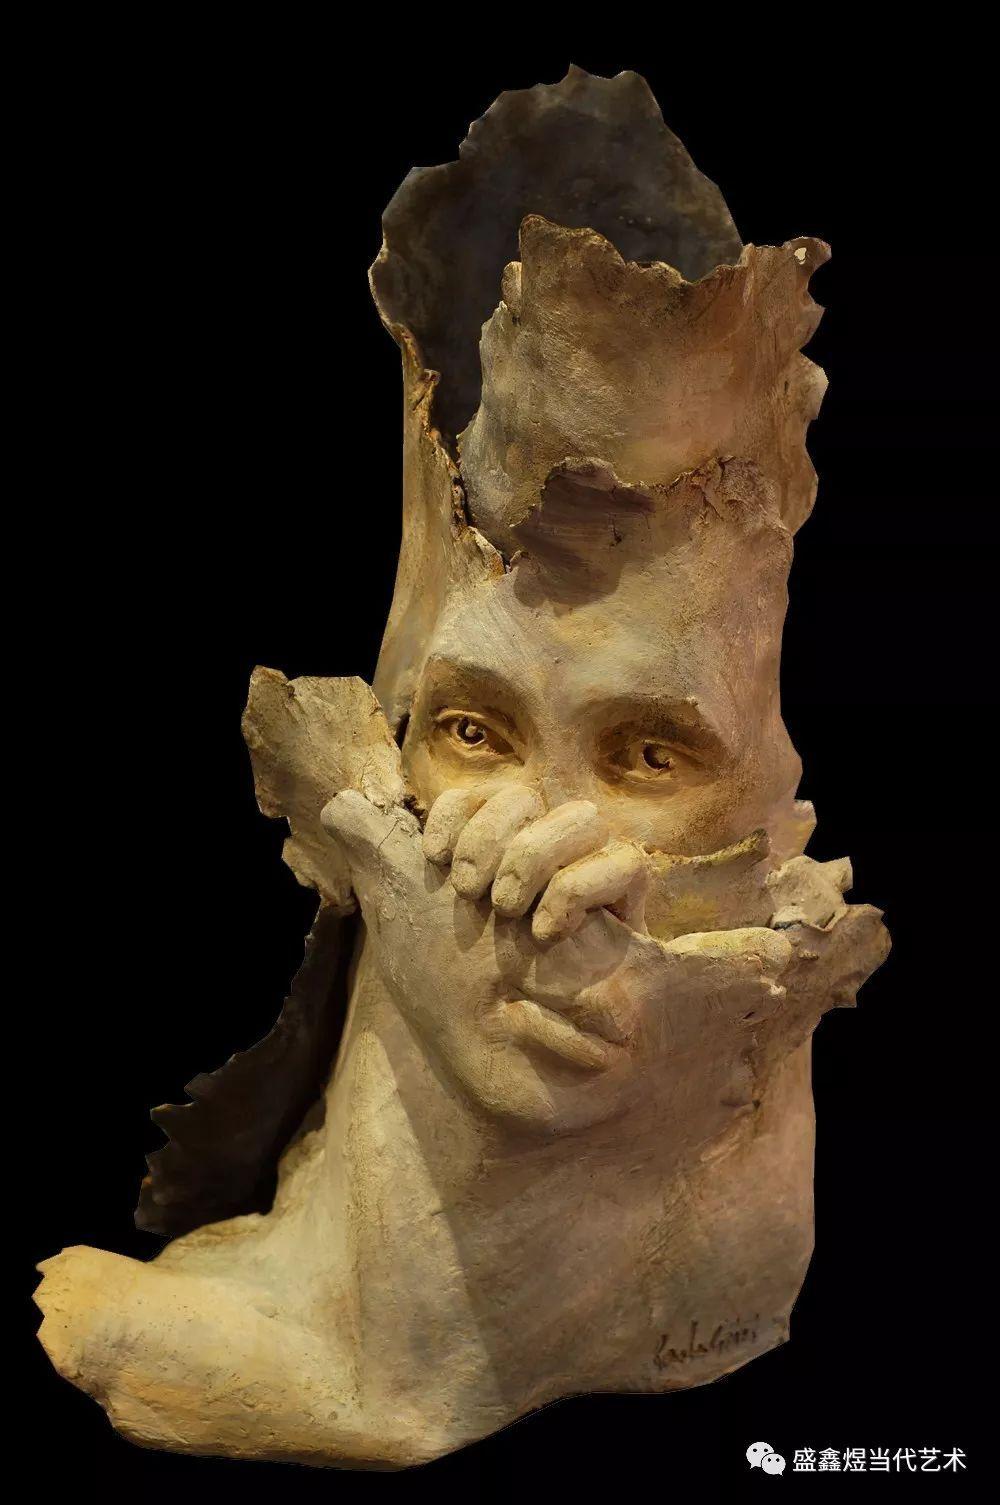 当代意大利雕塑家保罗·格里齐作品